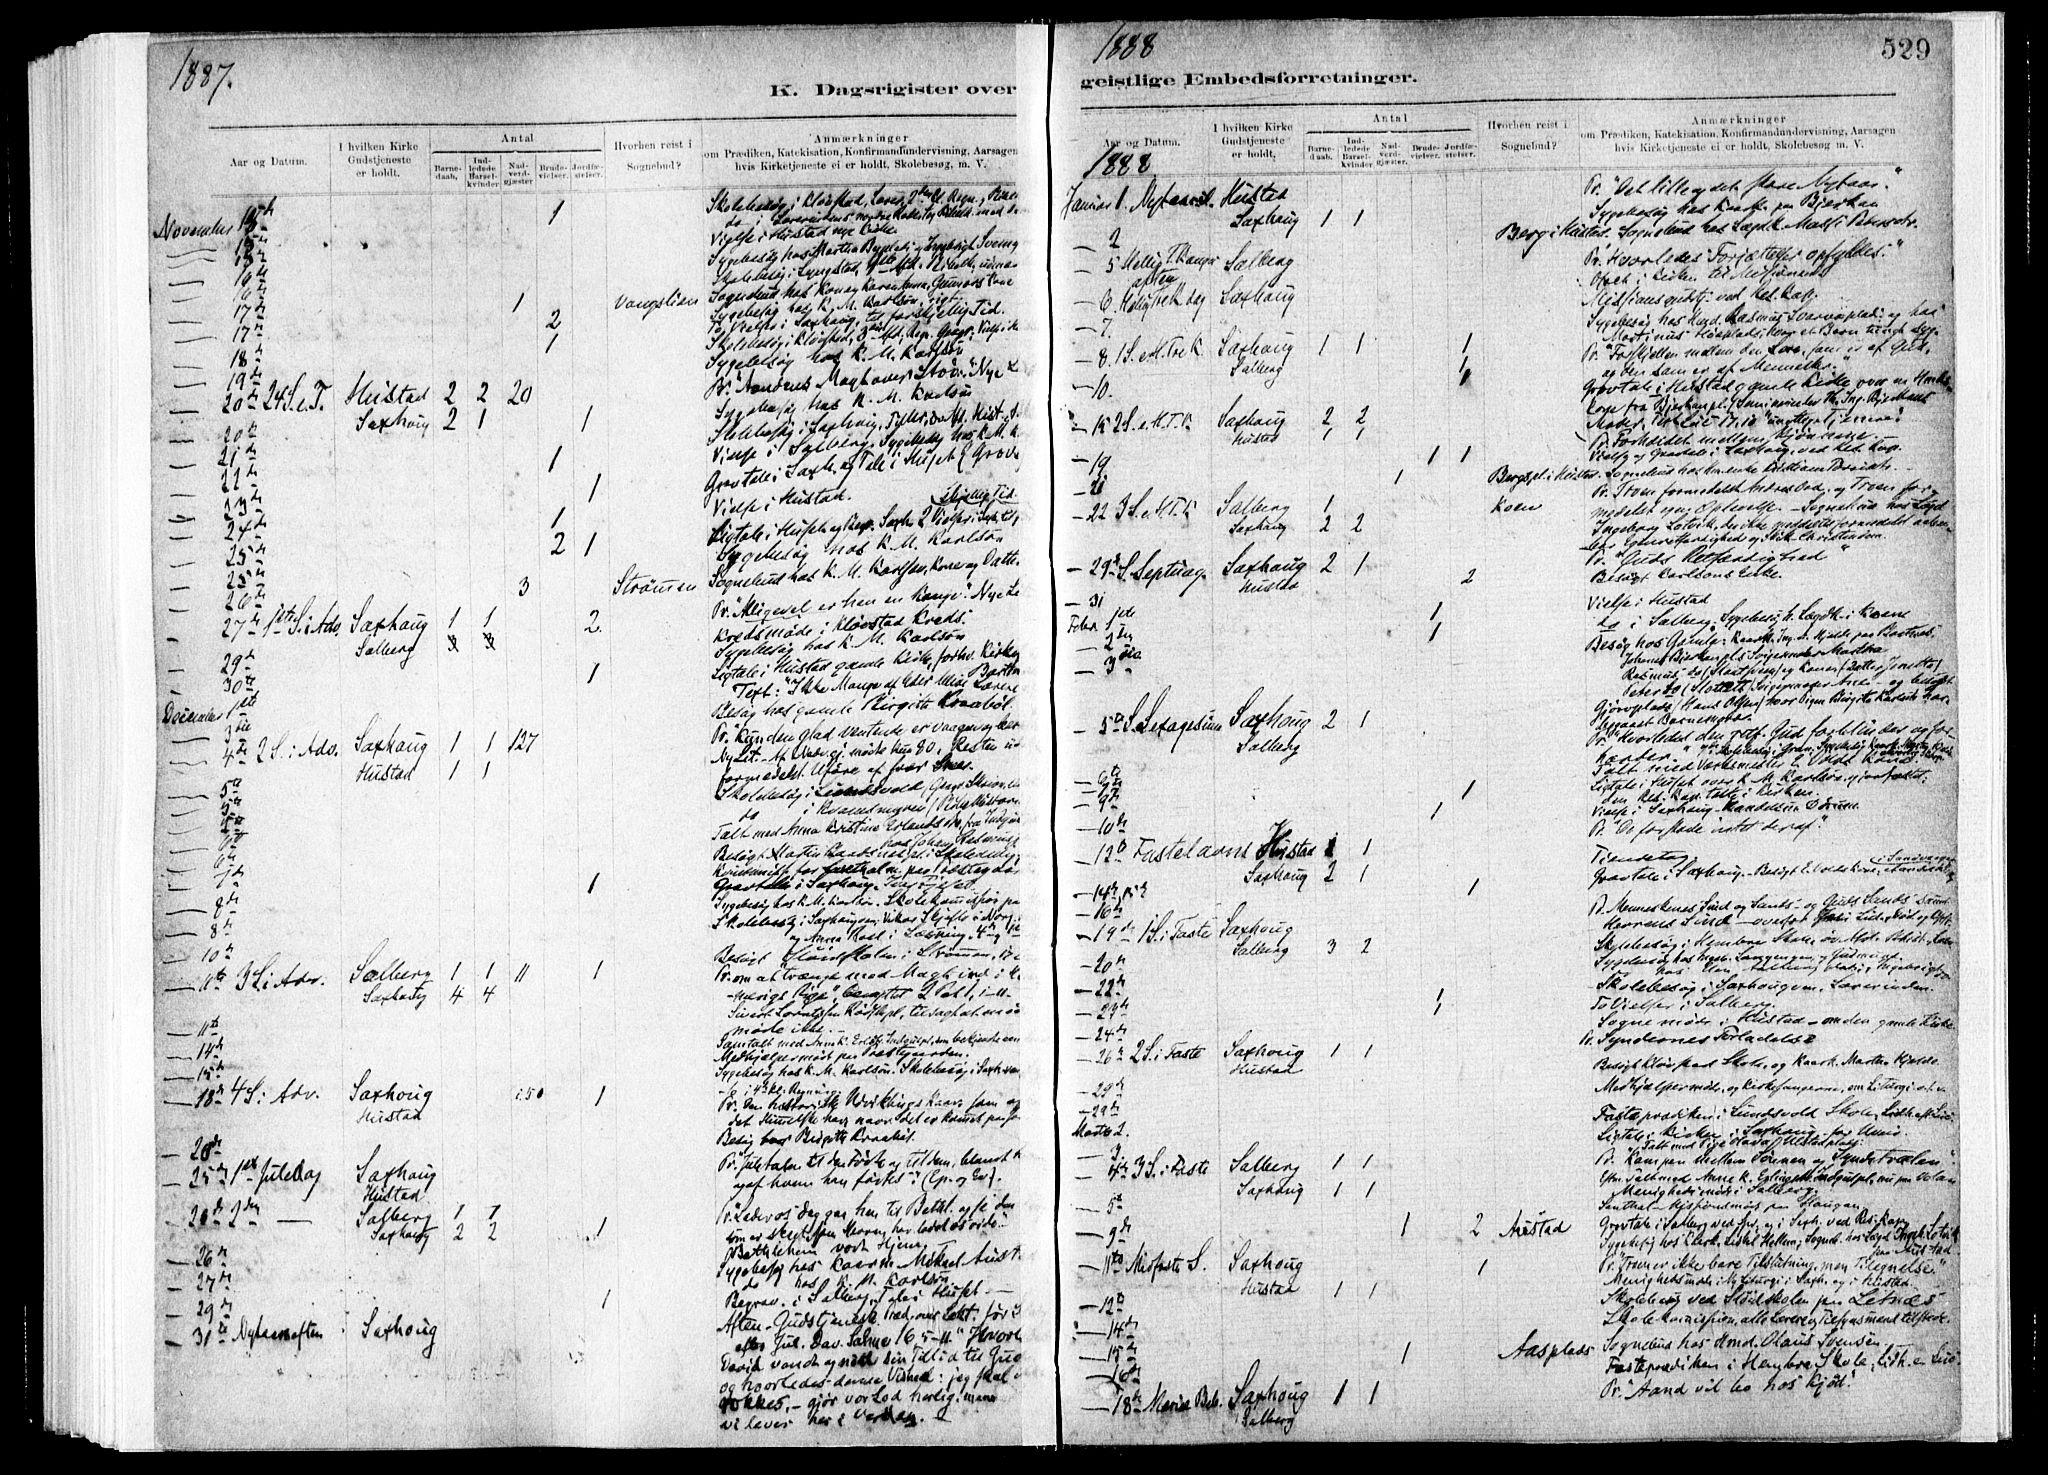 SAT, Ministerialprotokoller, klokkerbøker og fødselsregistre - Nord-Trøndelag, 730/L0285: Ministerialbok nr. 730A10, 1879-1914, s. 529